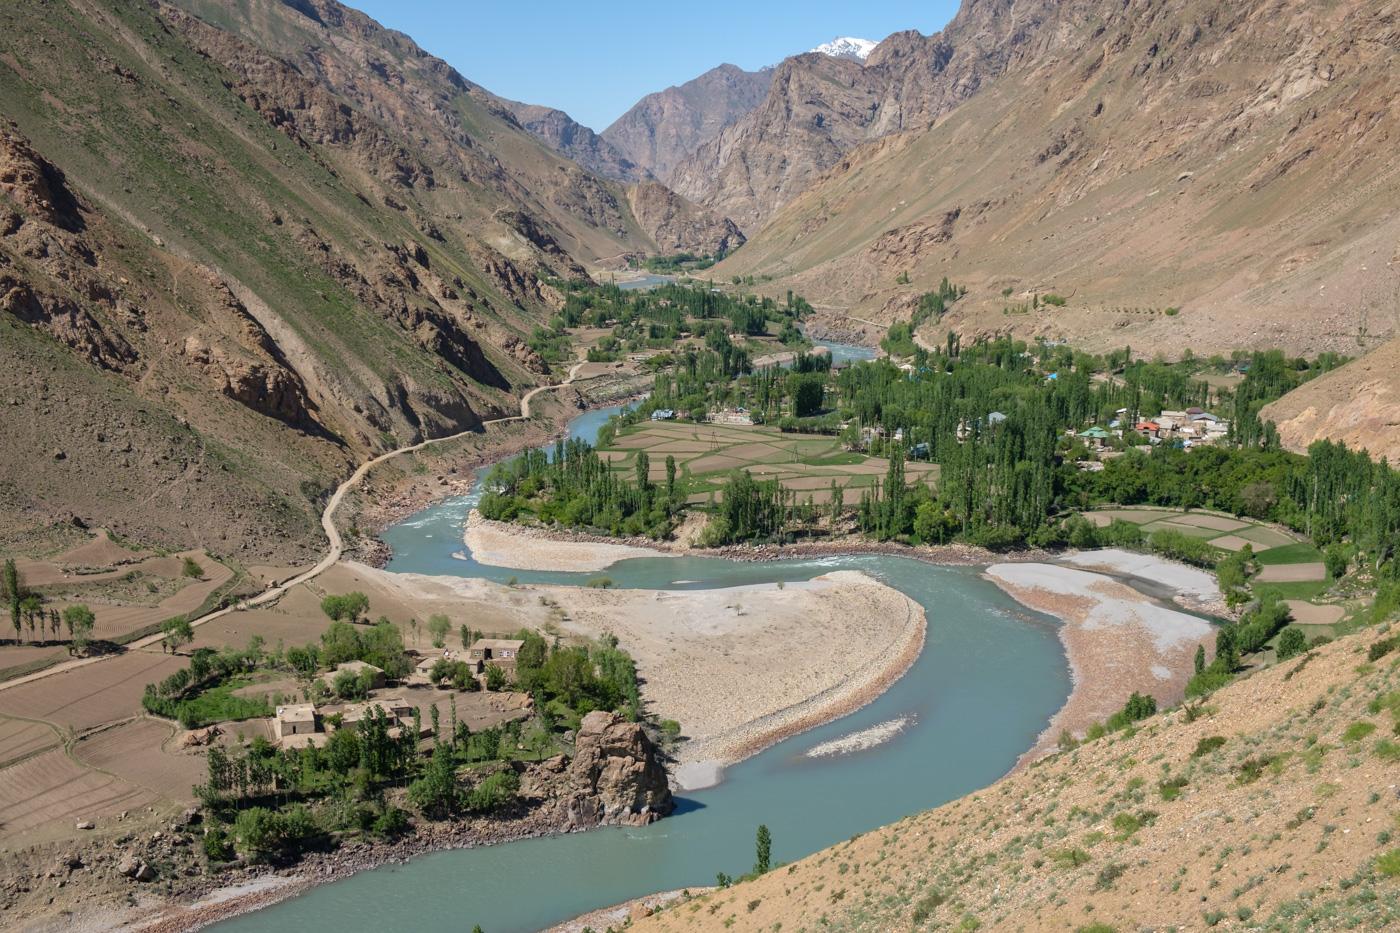 Die Grenze zwischen Tadschikistan und Afghanistan im Wakhan Valley.